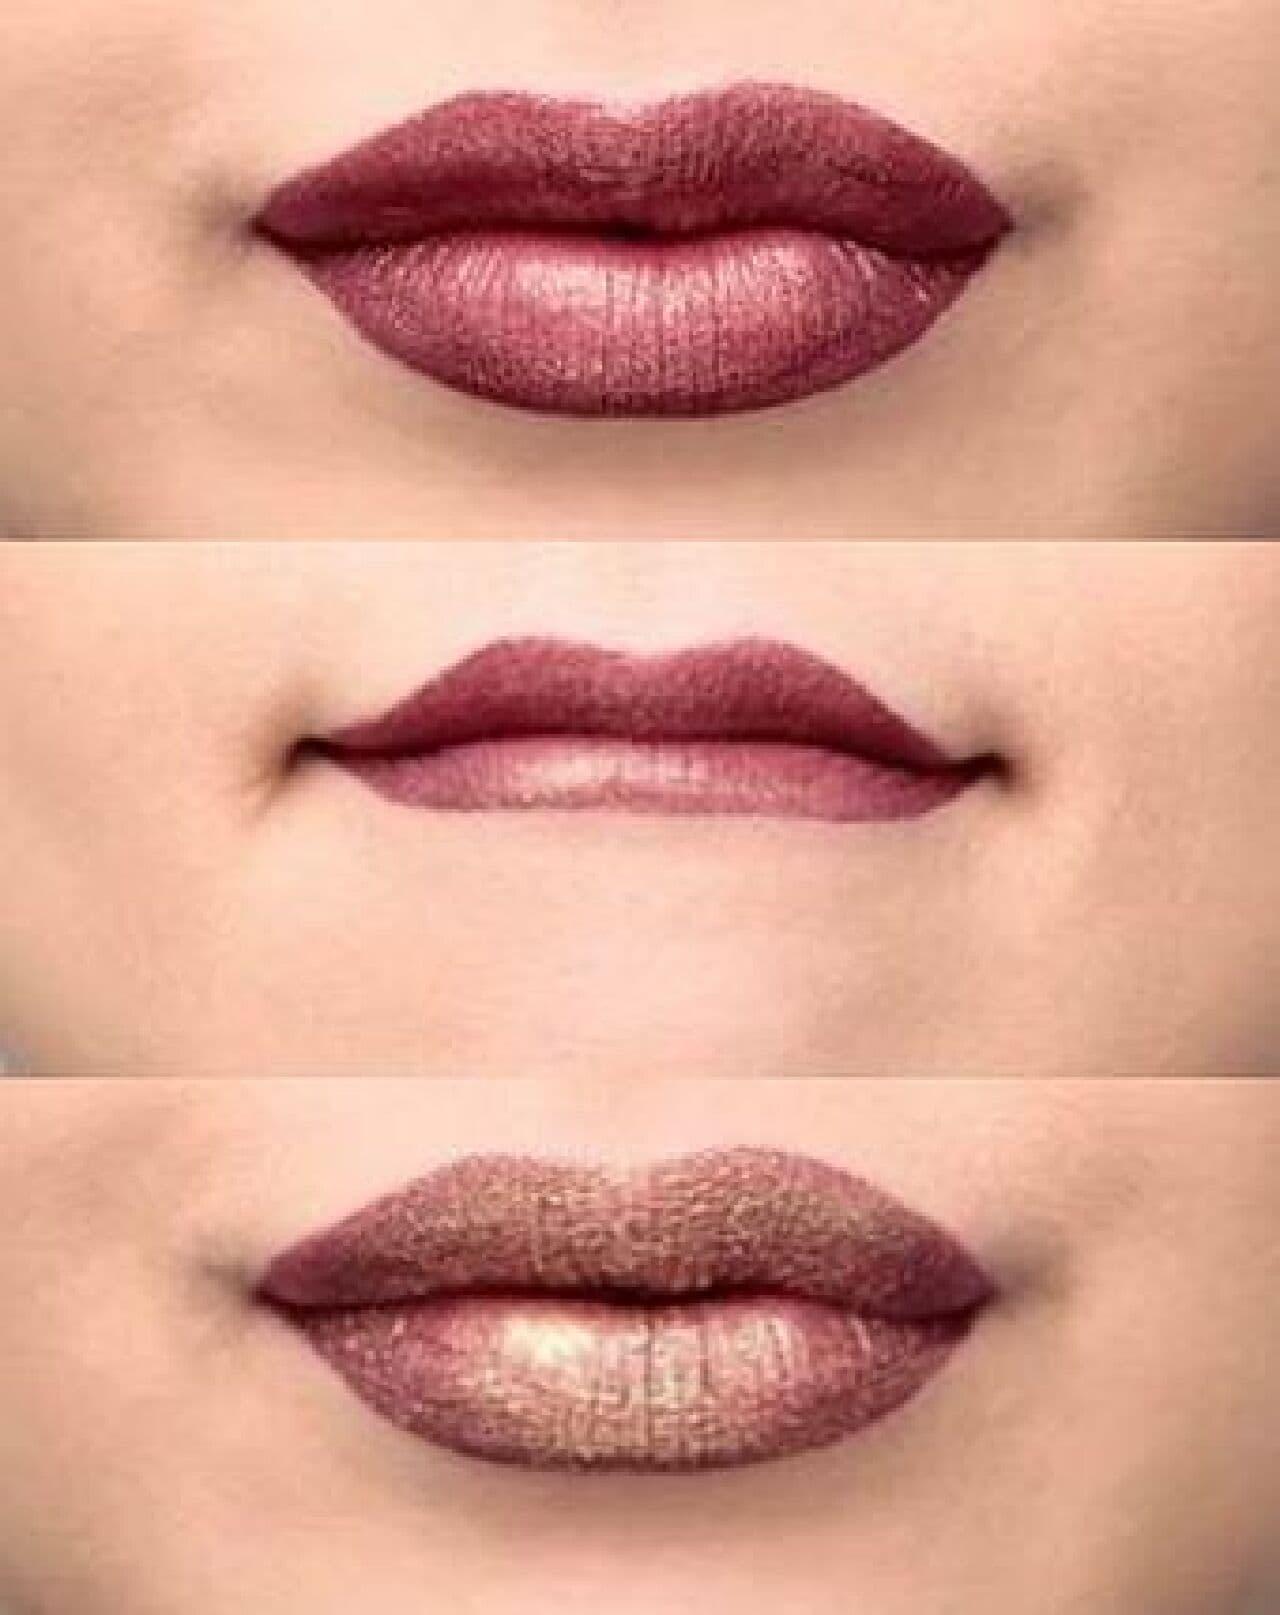 ニックス プロフェッショナル メイクアップ「グリッター ゴールズ リキッド リップスティック」を塗った唇